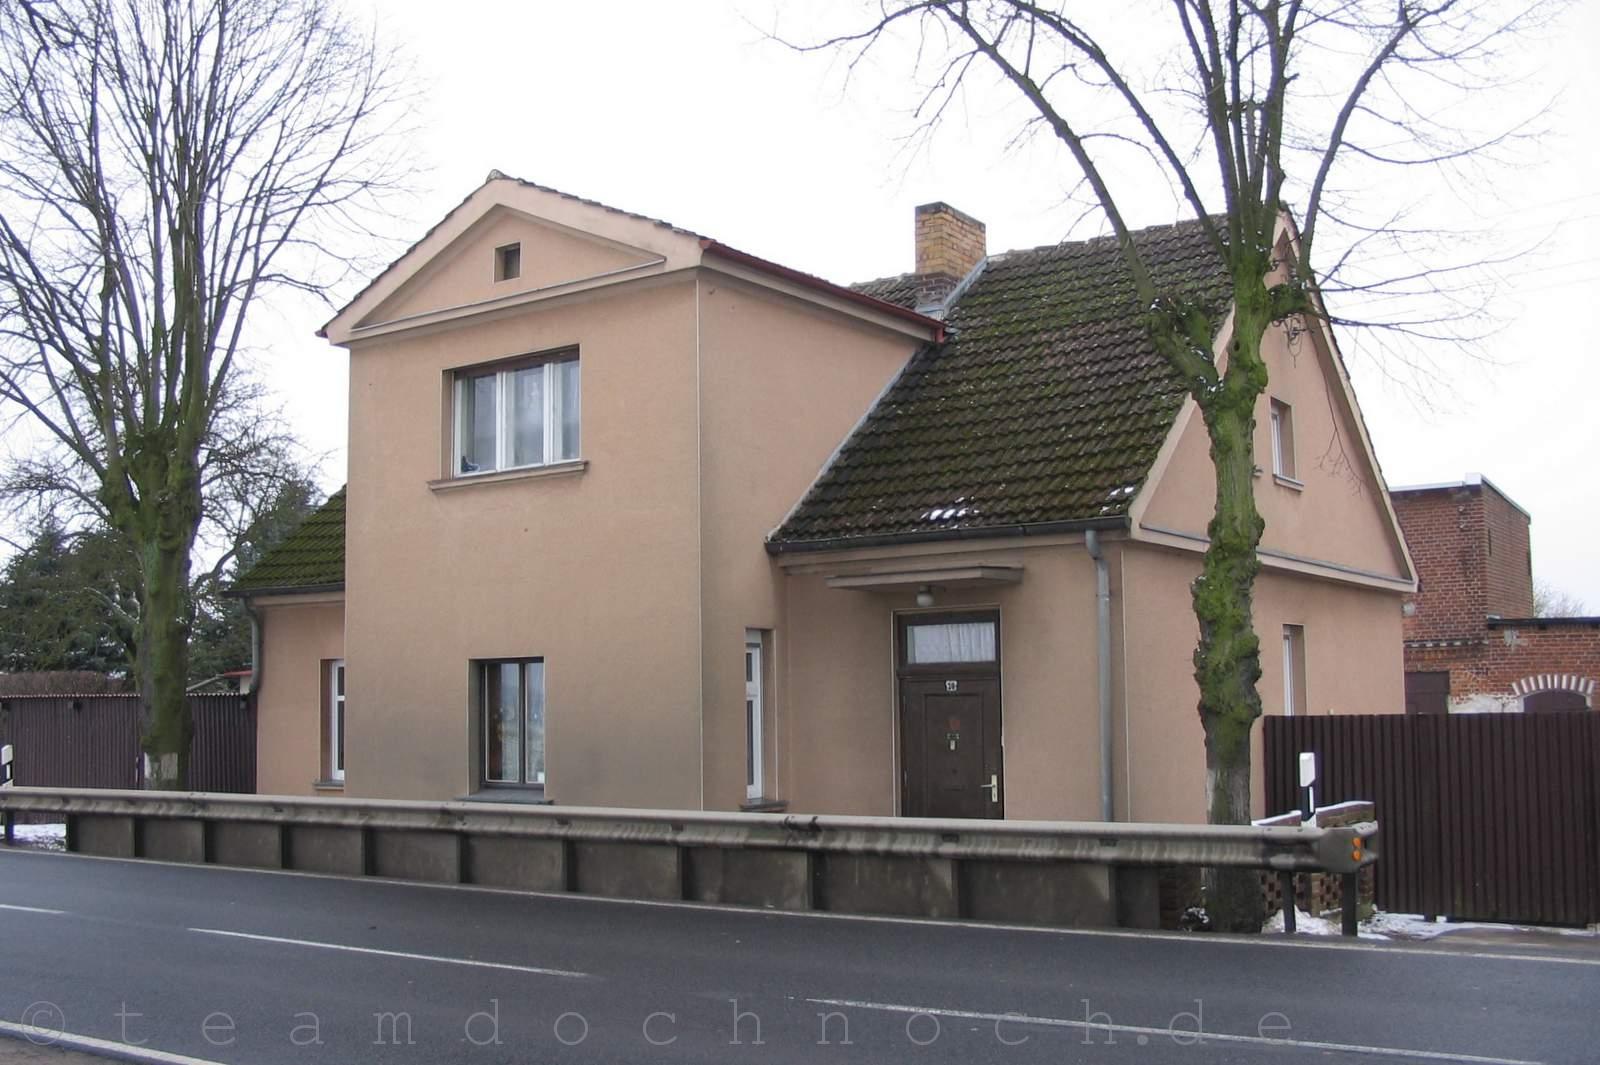 Chausseehaus in Groß Schönebeck